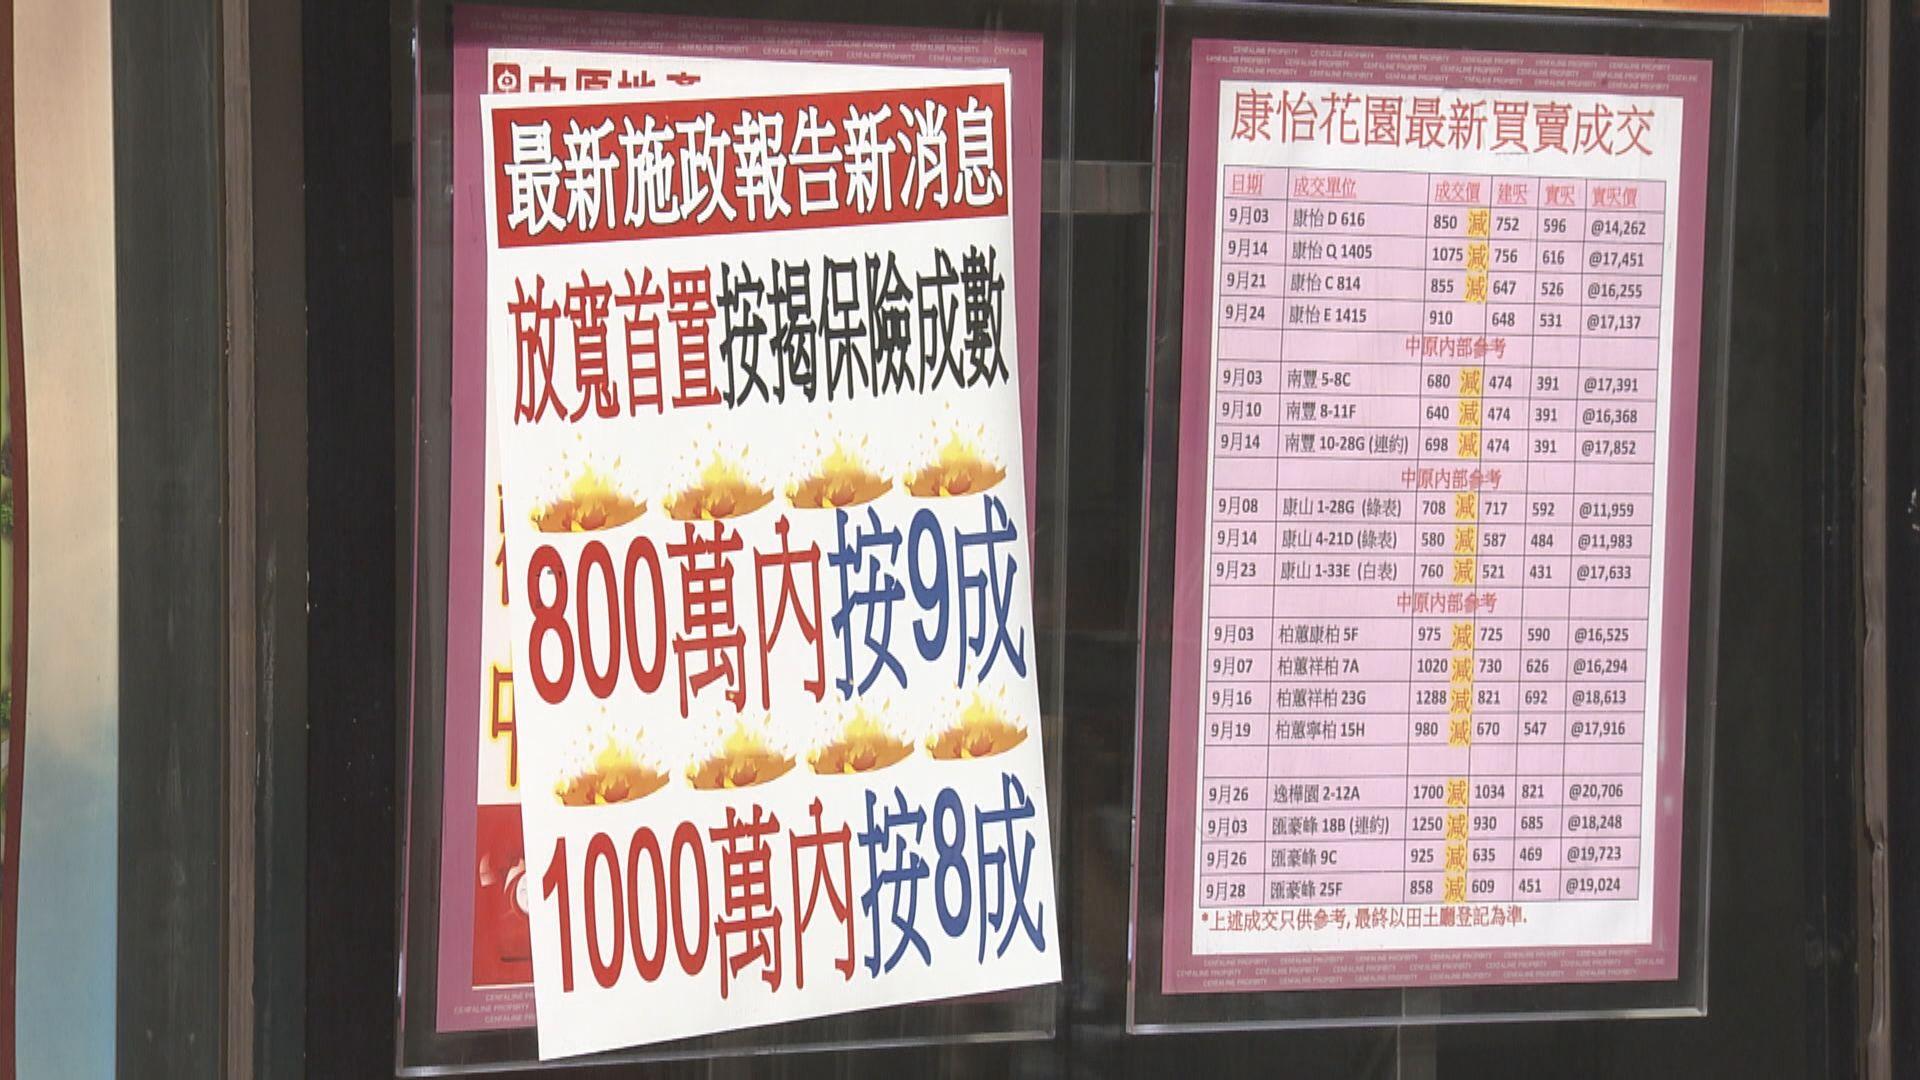 【施政報告前】本港樓價連跌八周 累跌逾4%至半年低位